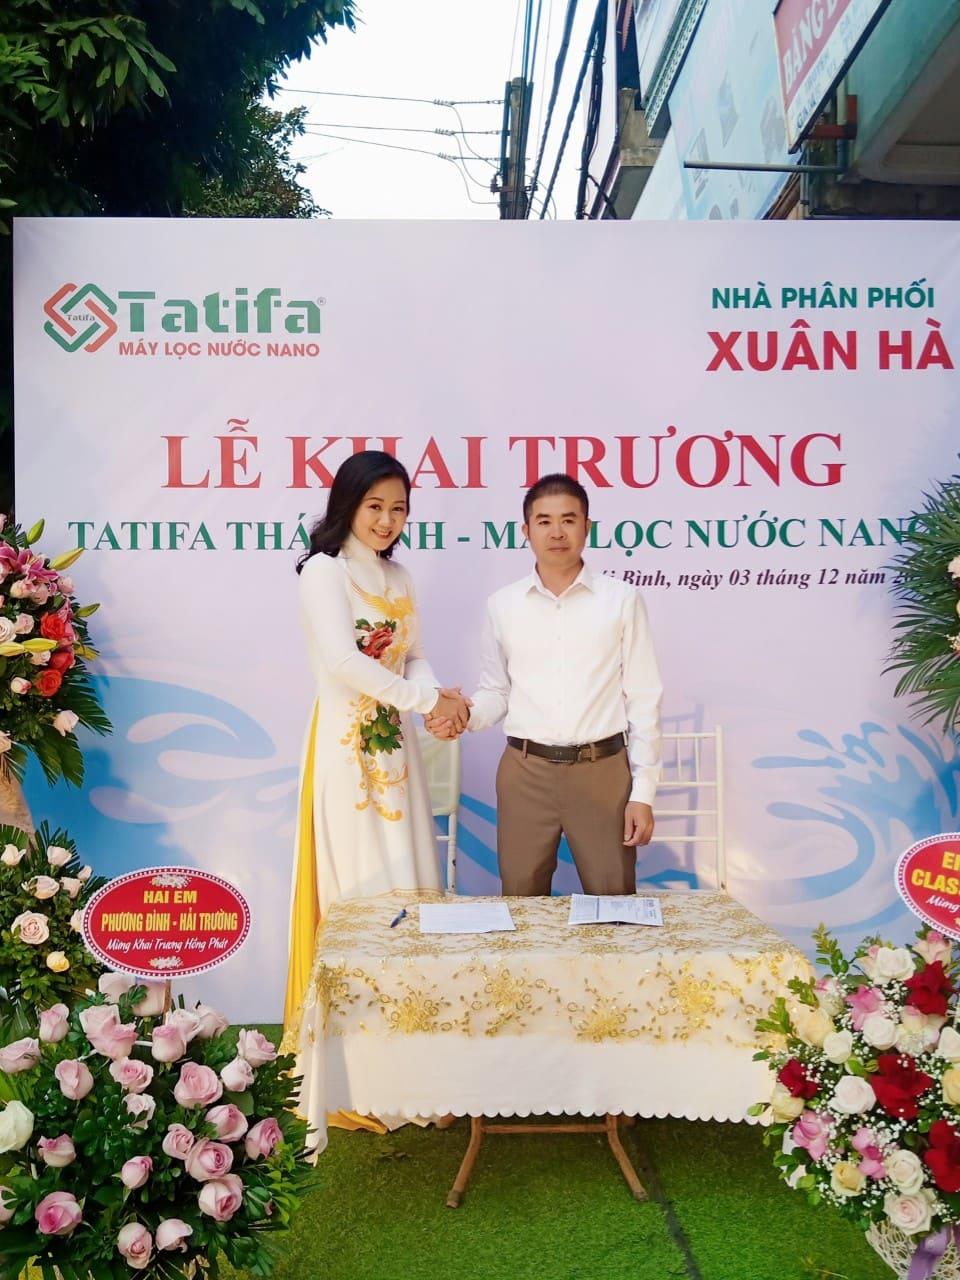 Thương hiệu máy lọc nước Nano Tatifa khai trương nhà phân phối tỉnh Thái Bình 3